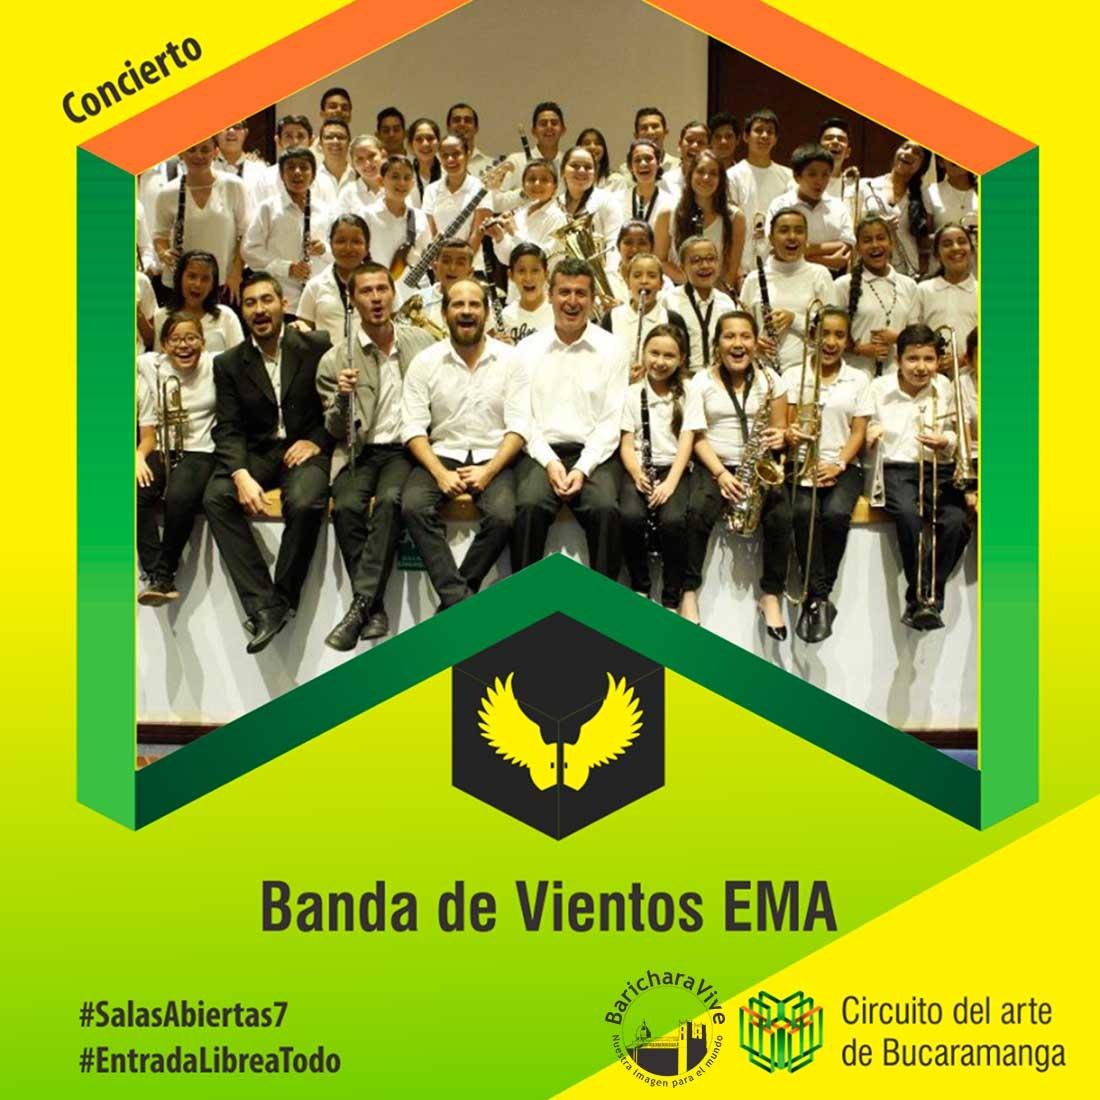 banda-de-vientos-ema-7a-edicion-el-centro-con-las-salas-abiertas-bucaramanga-2017